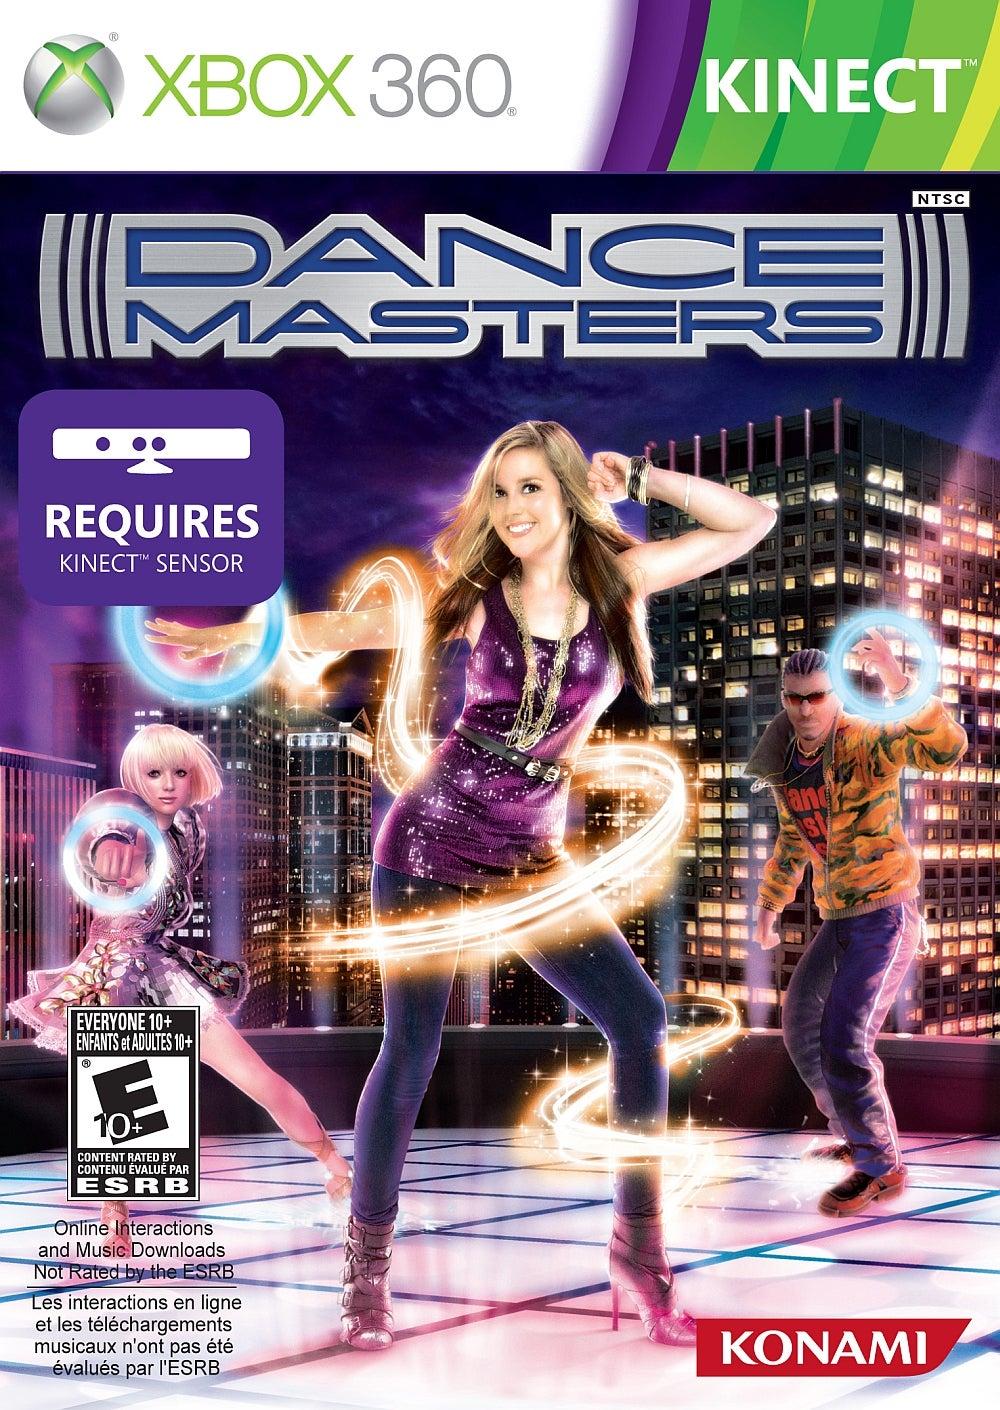 DanceMasters - Xbox 360 - IGN